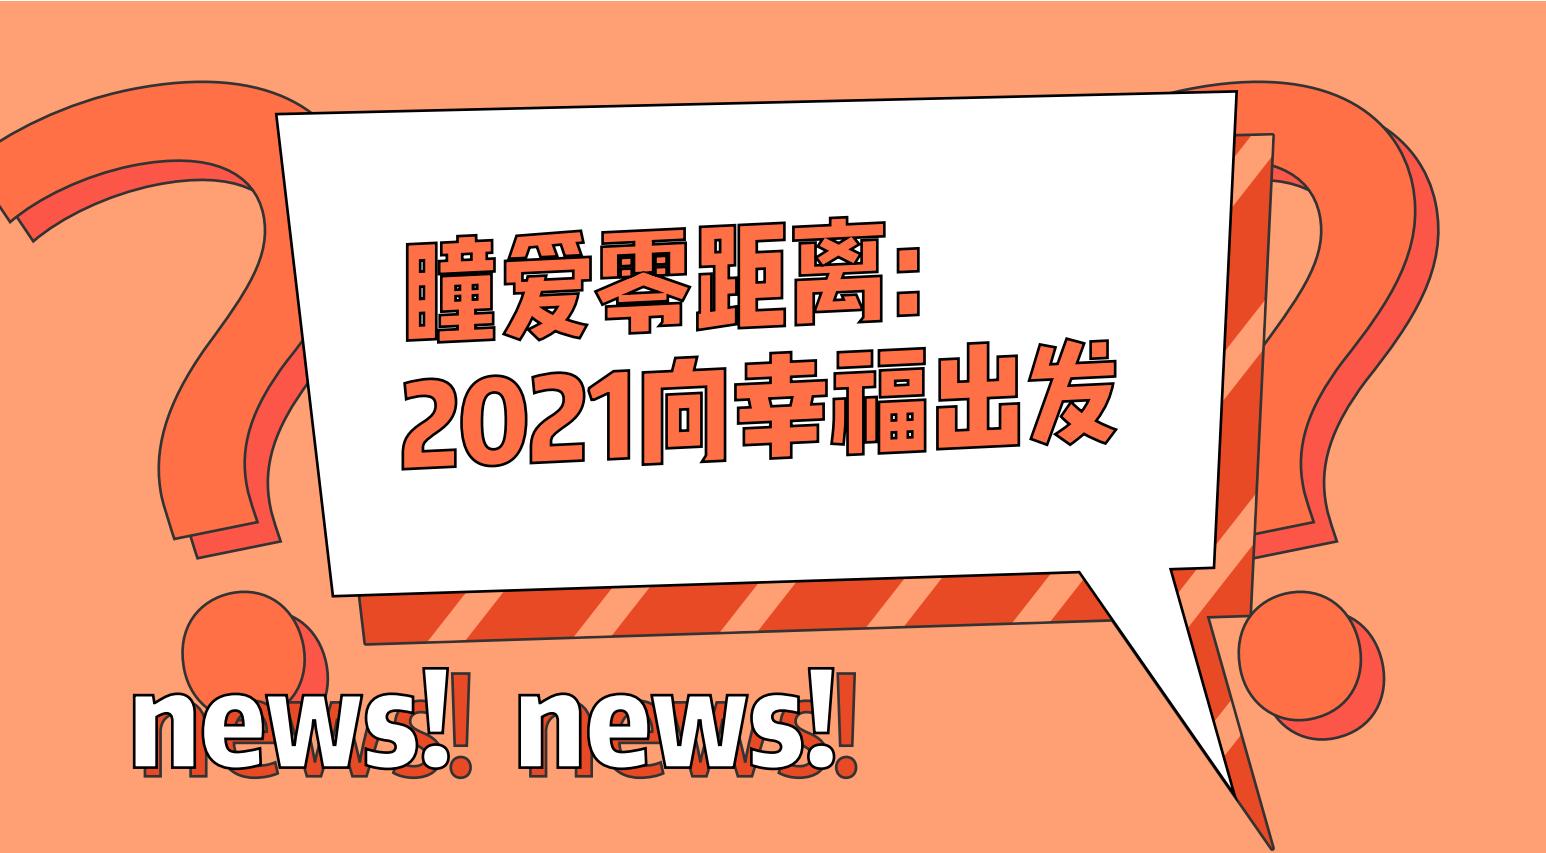 瞳爱零距离:2021向幸福出发